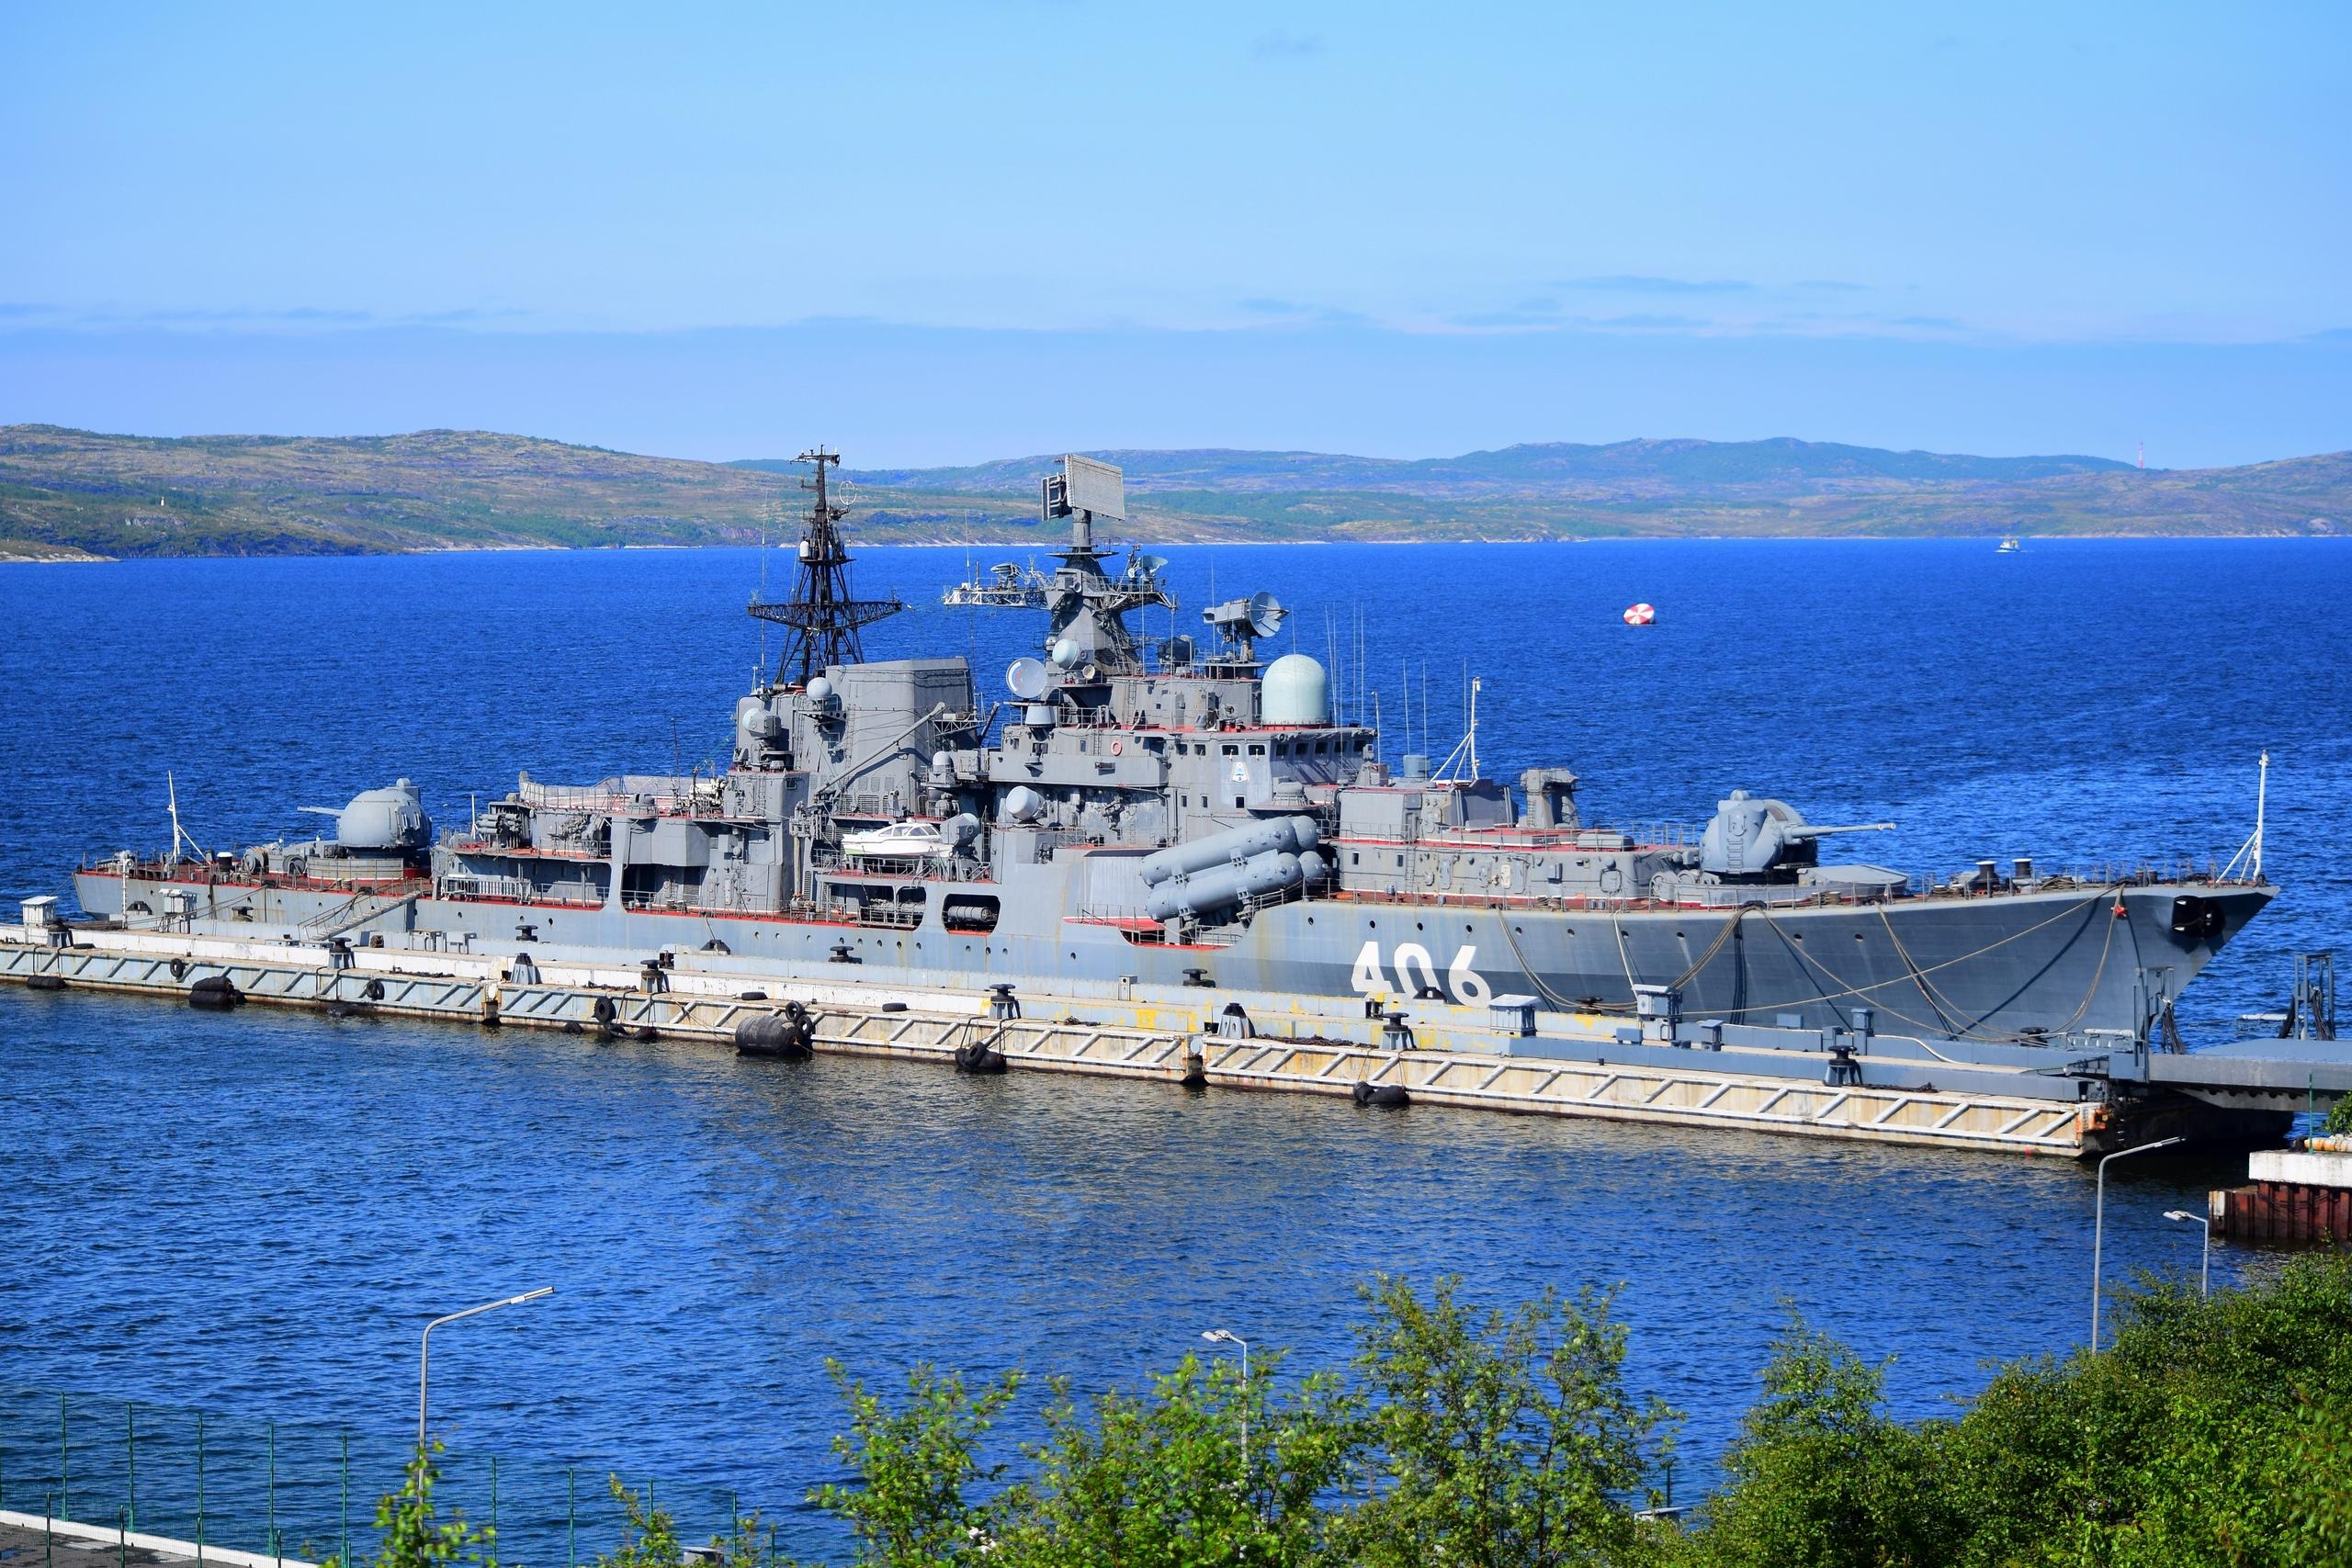 фото эсминца стойкий чихуахуа обожают проводить